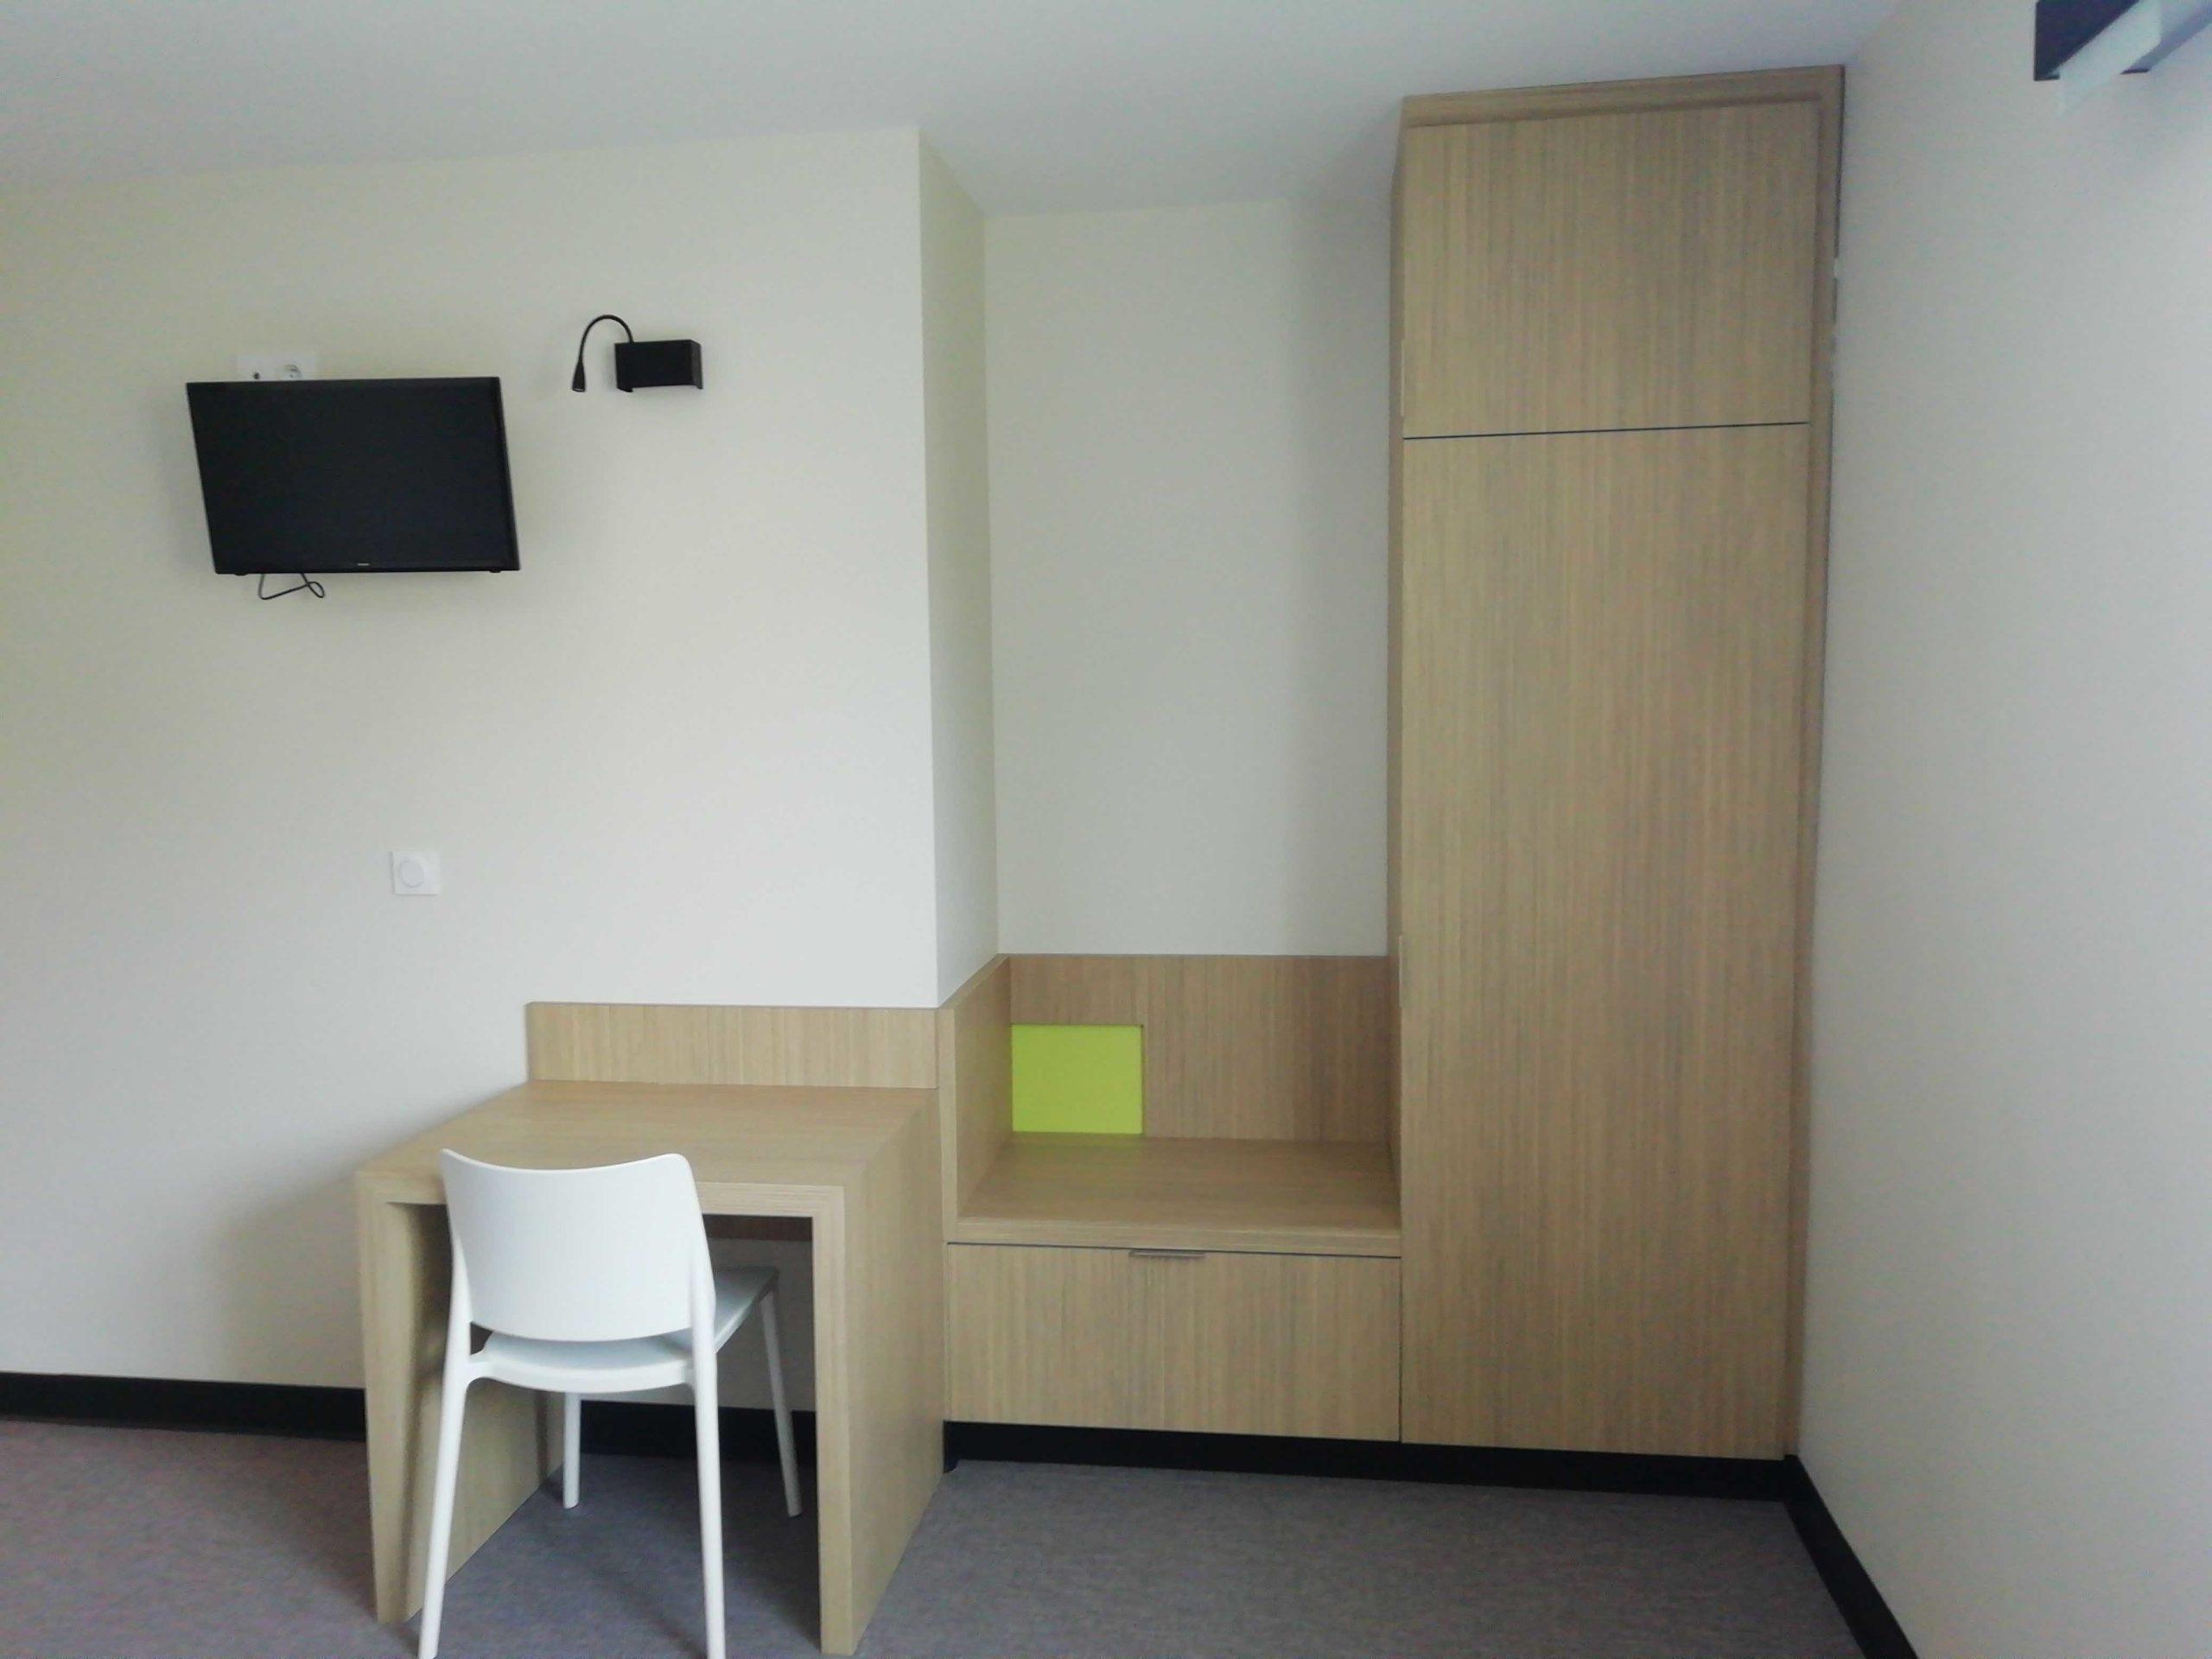 Espace de rangement et bureau dans l'une des chambres